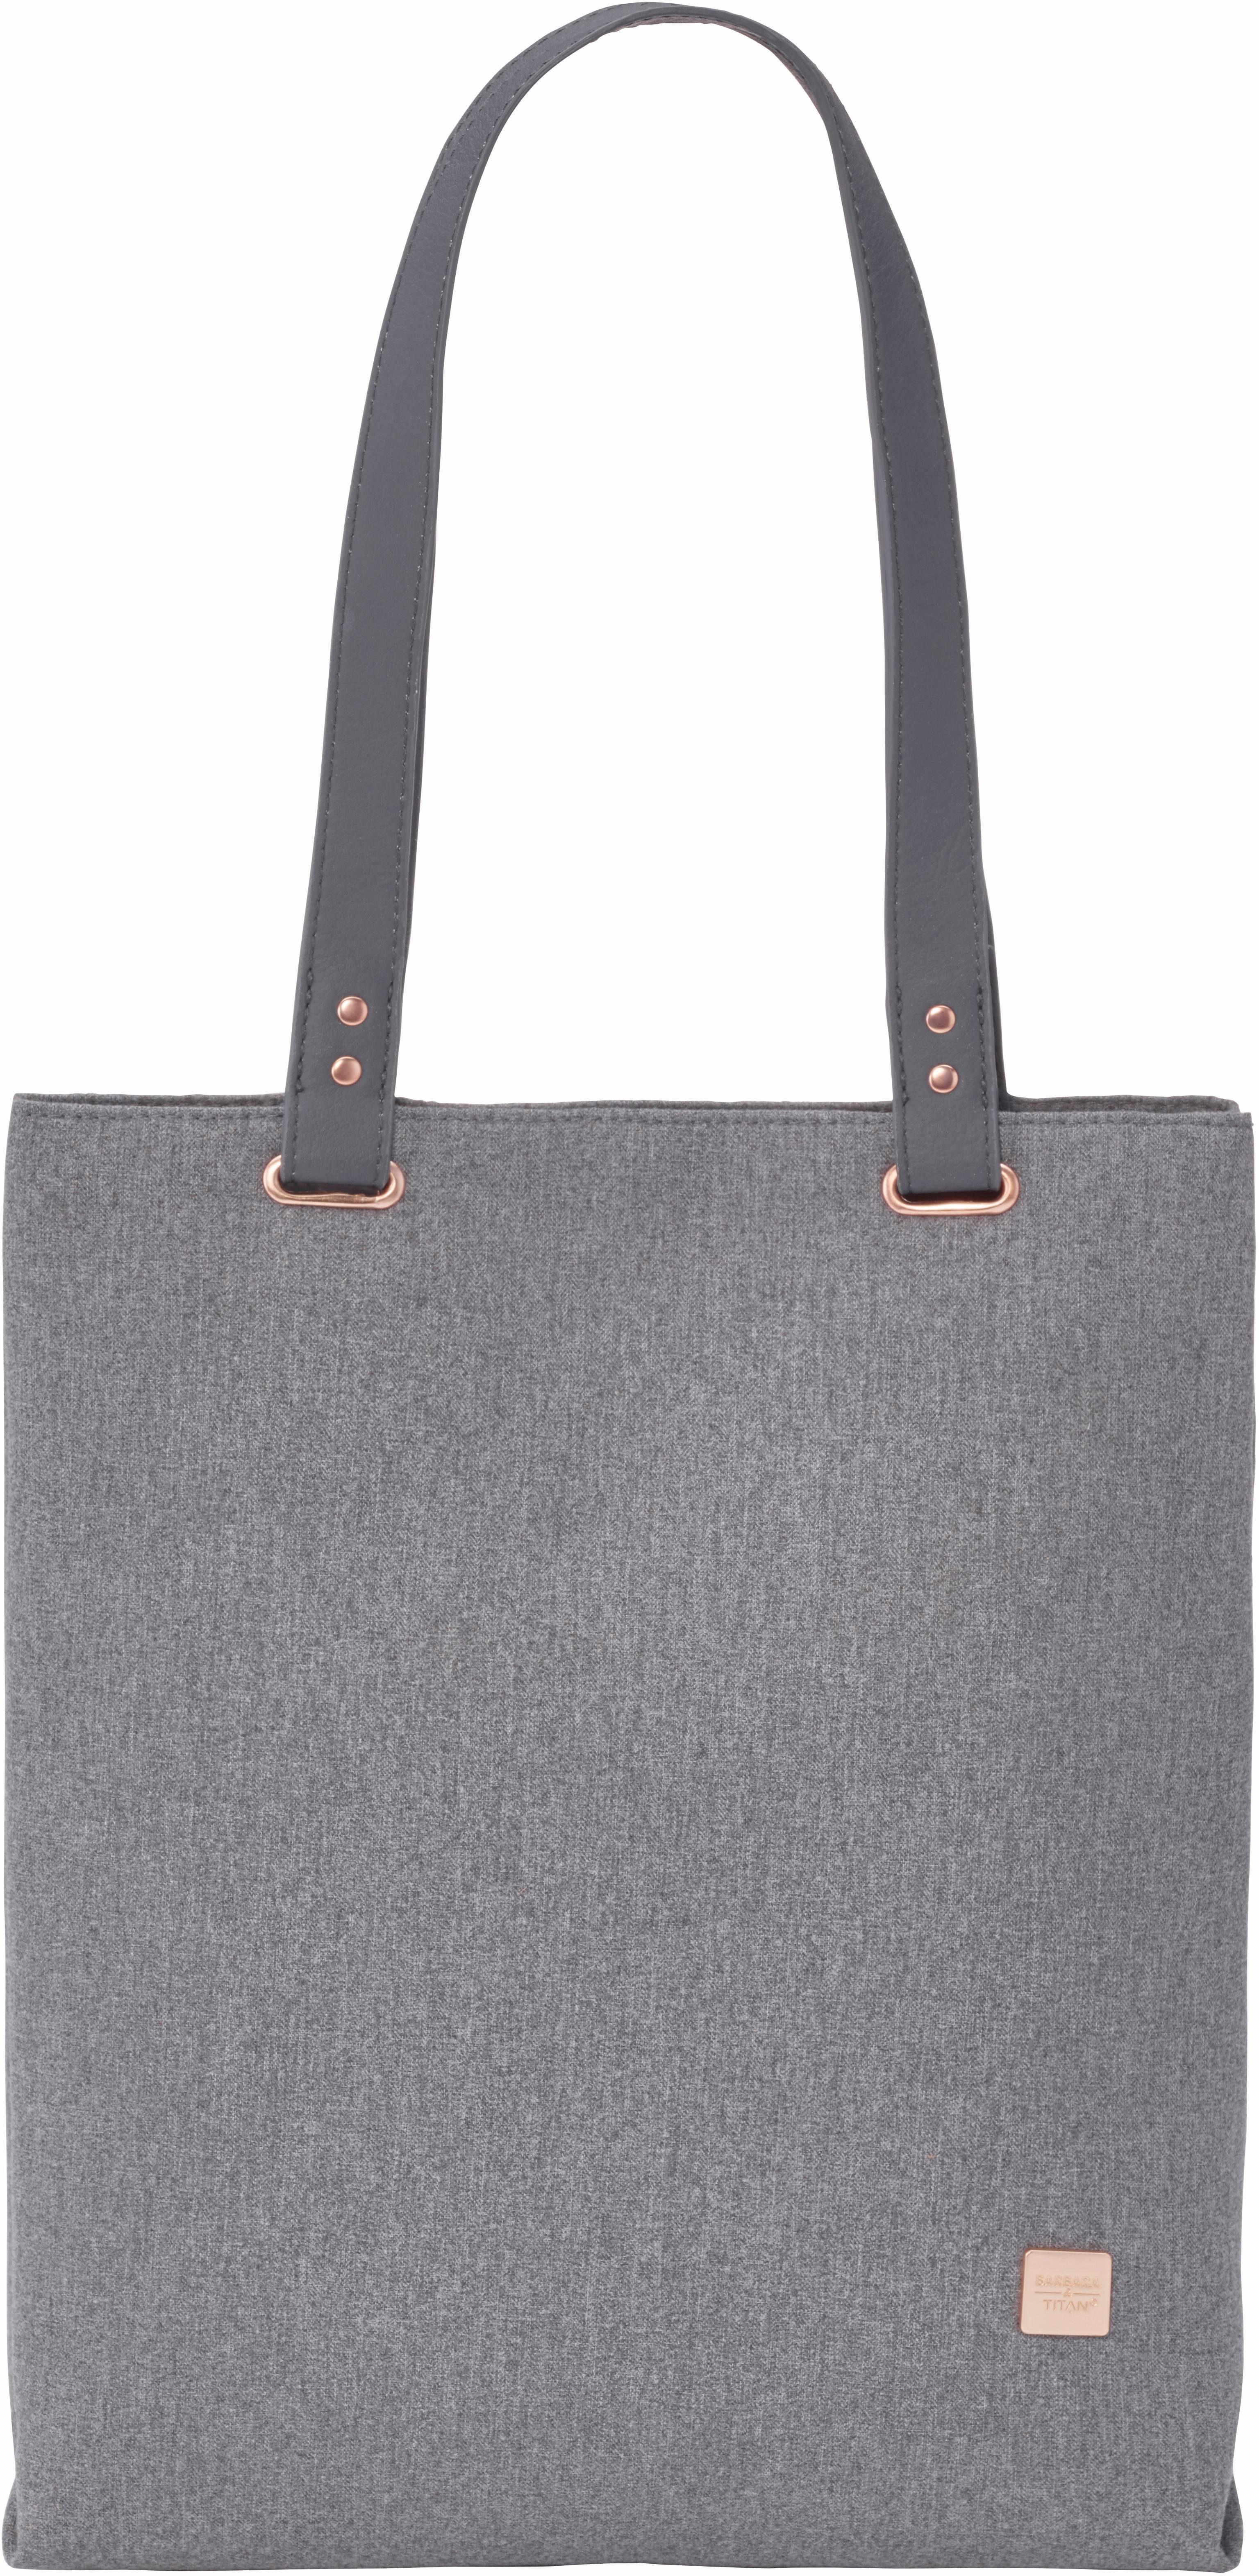 Titan Barbara Backpack Rucksack Laptoptasche Tasche Grey Grau Neu Koffer, Taschen & Accessoires